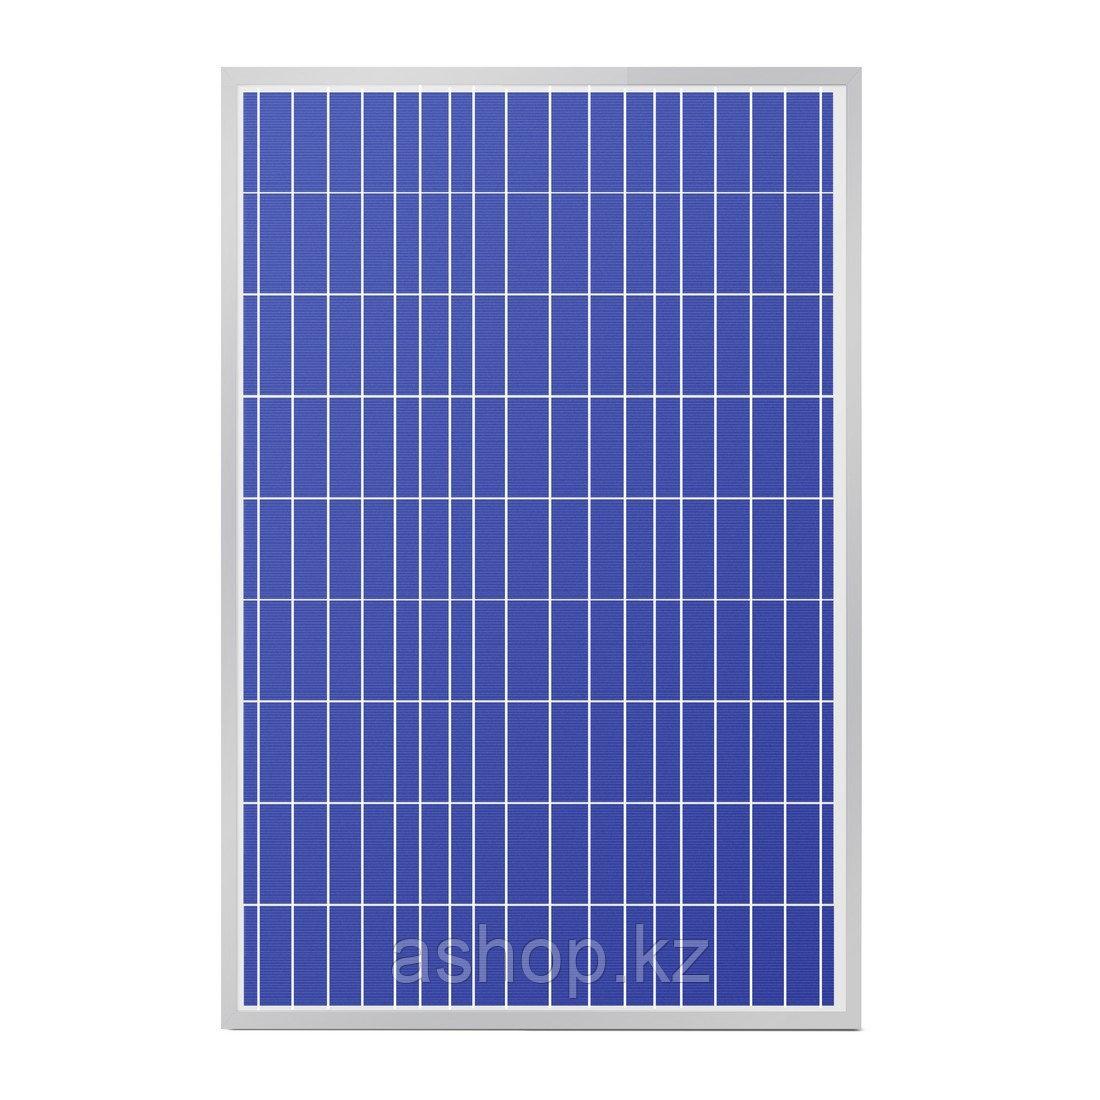 Солнечная панель поликристалическая SVC P-140, Мощность: 140 Вт, Напряжение: 12В, Цвет: Синий, Упаковка: Короб